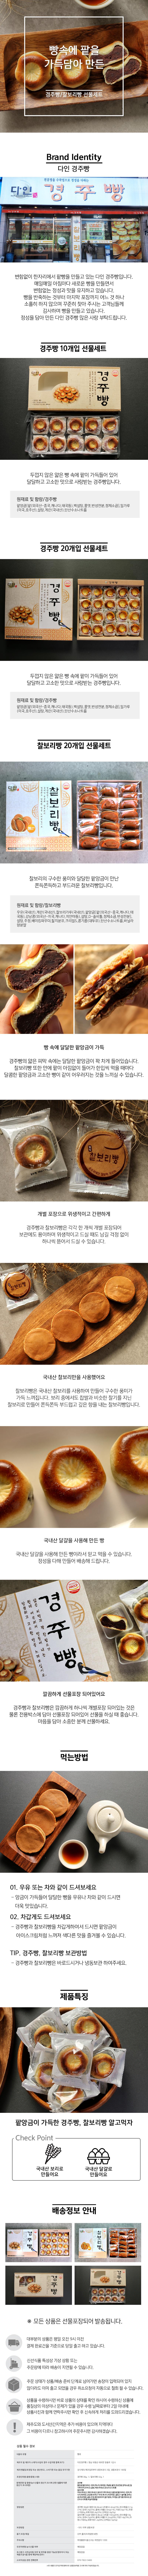 팥앙금가득 경주빵 선물세트 - 테이스티푸드, 10,900원, 쿠키/케익/빵, 빵